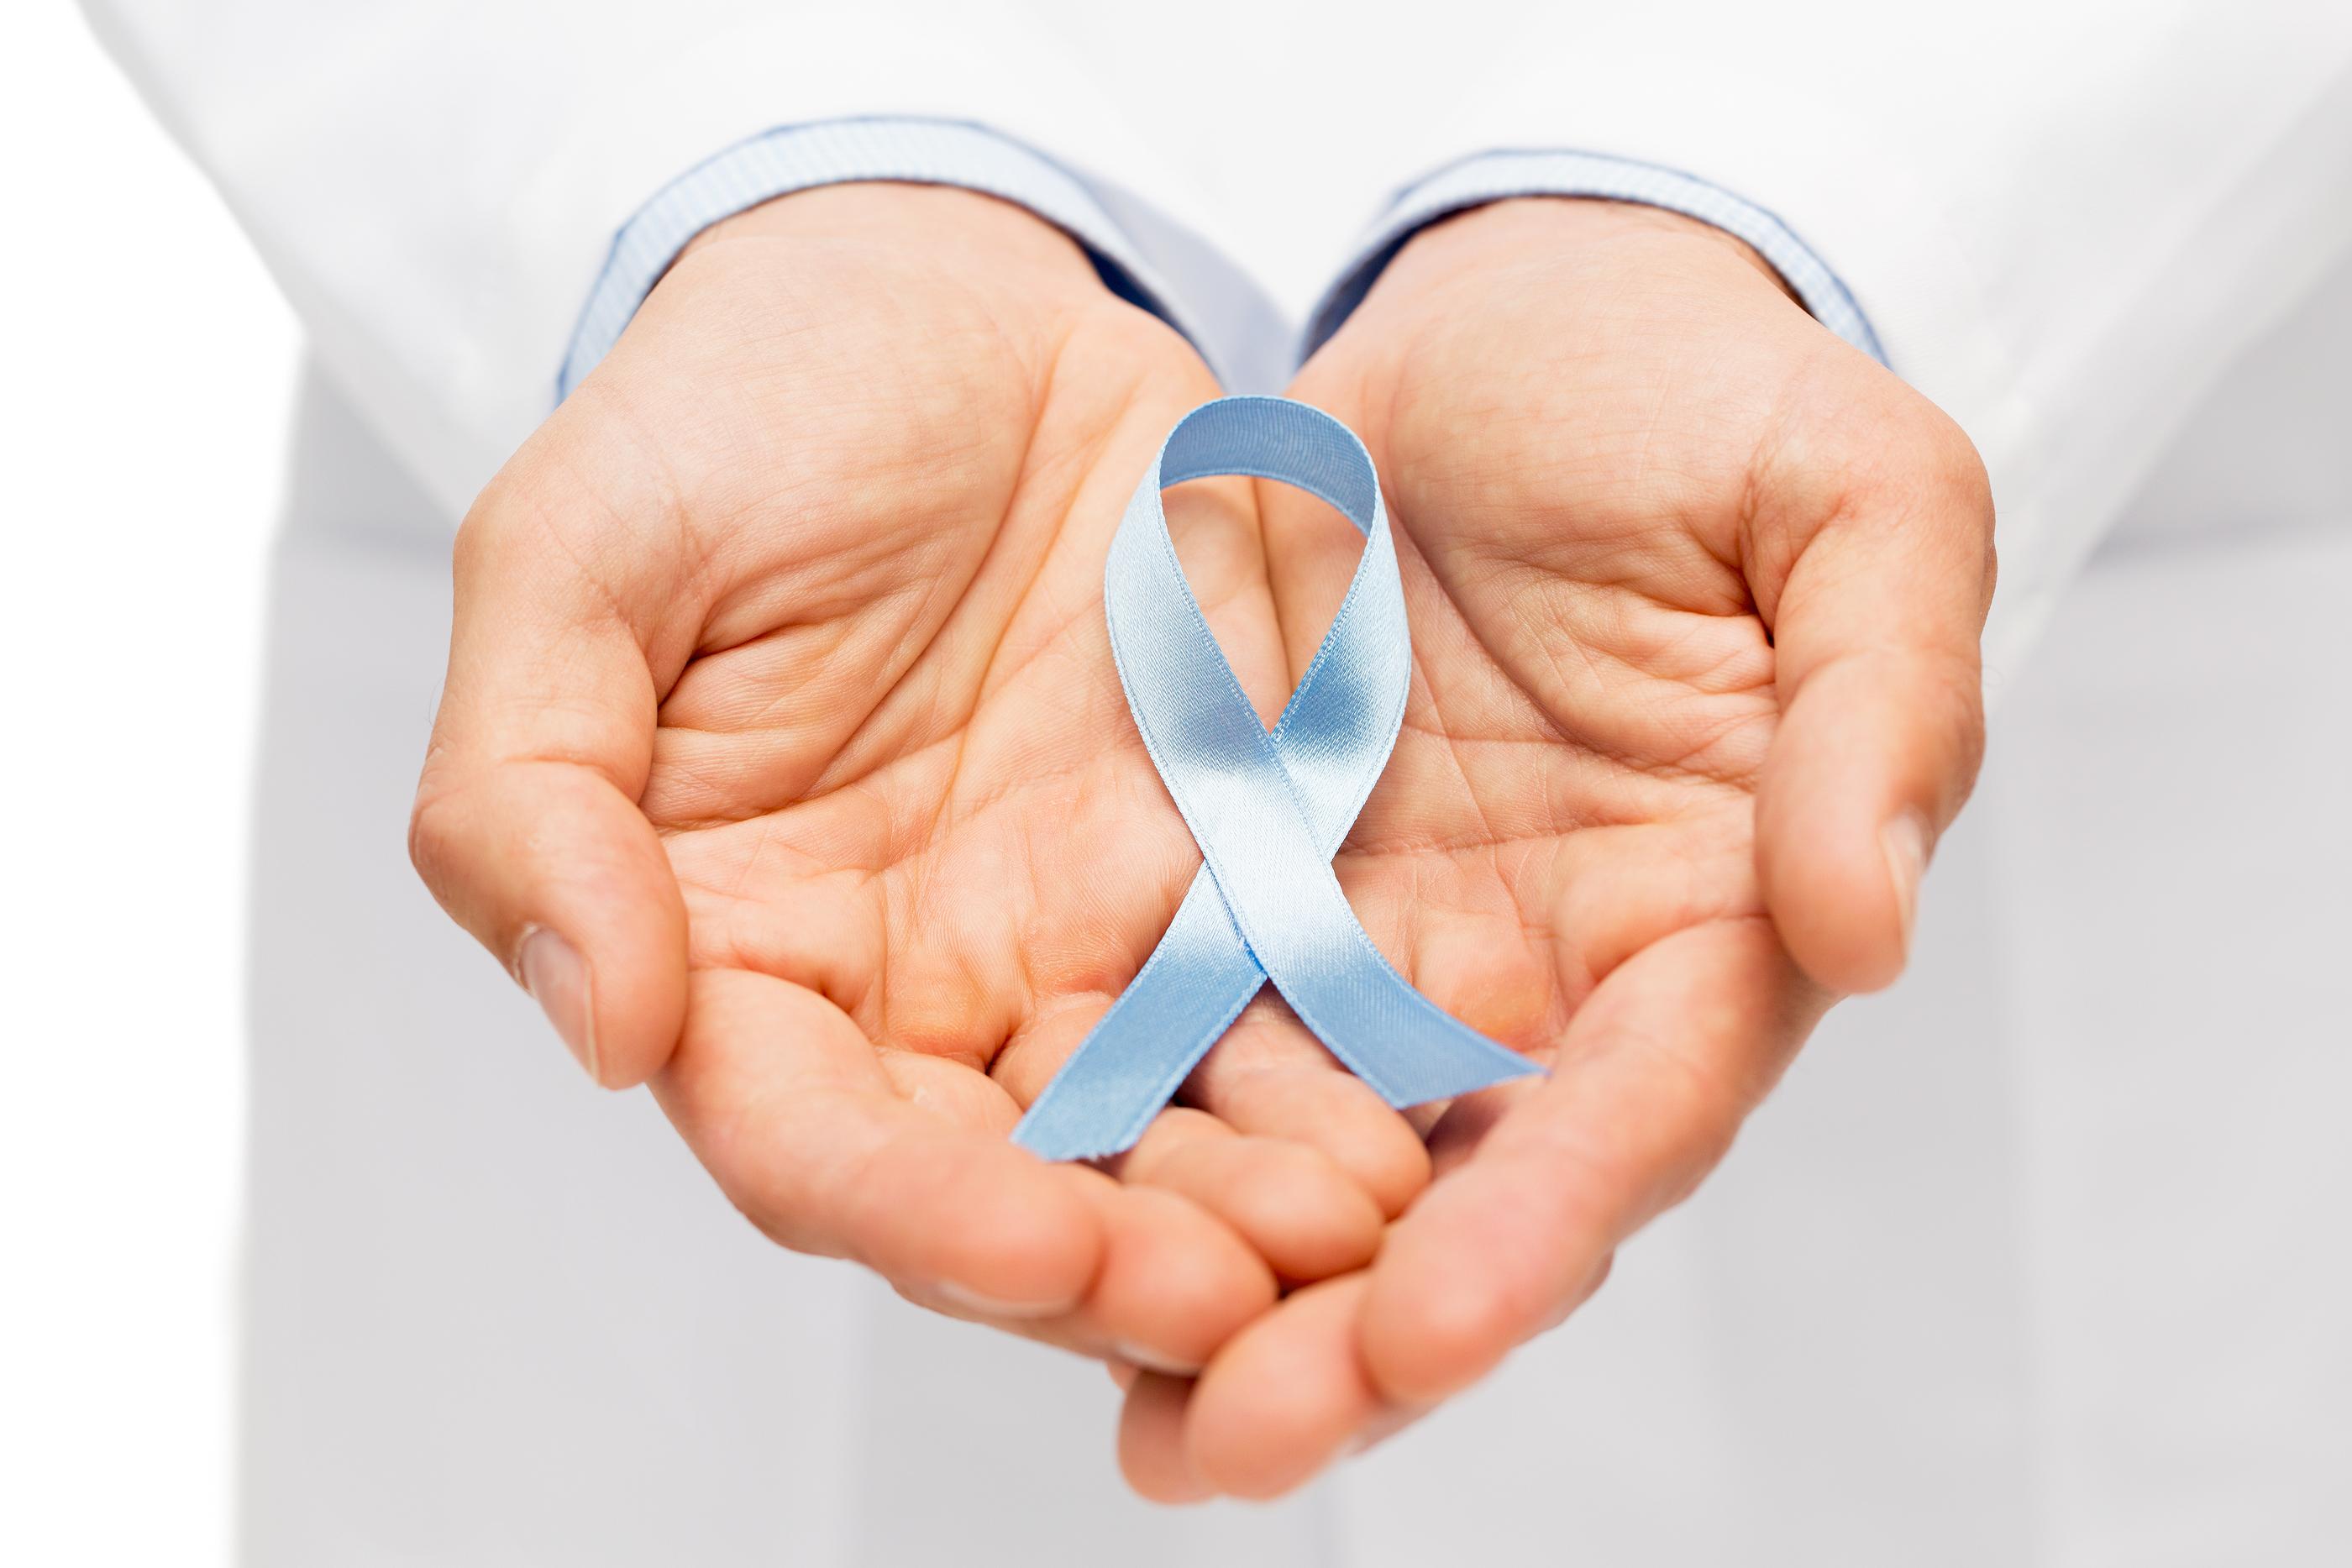 pelotas de golf para el cáncer de próstata